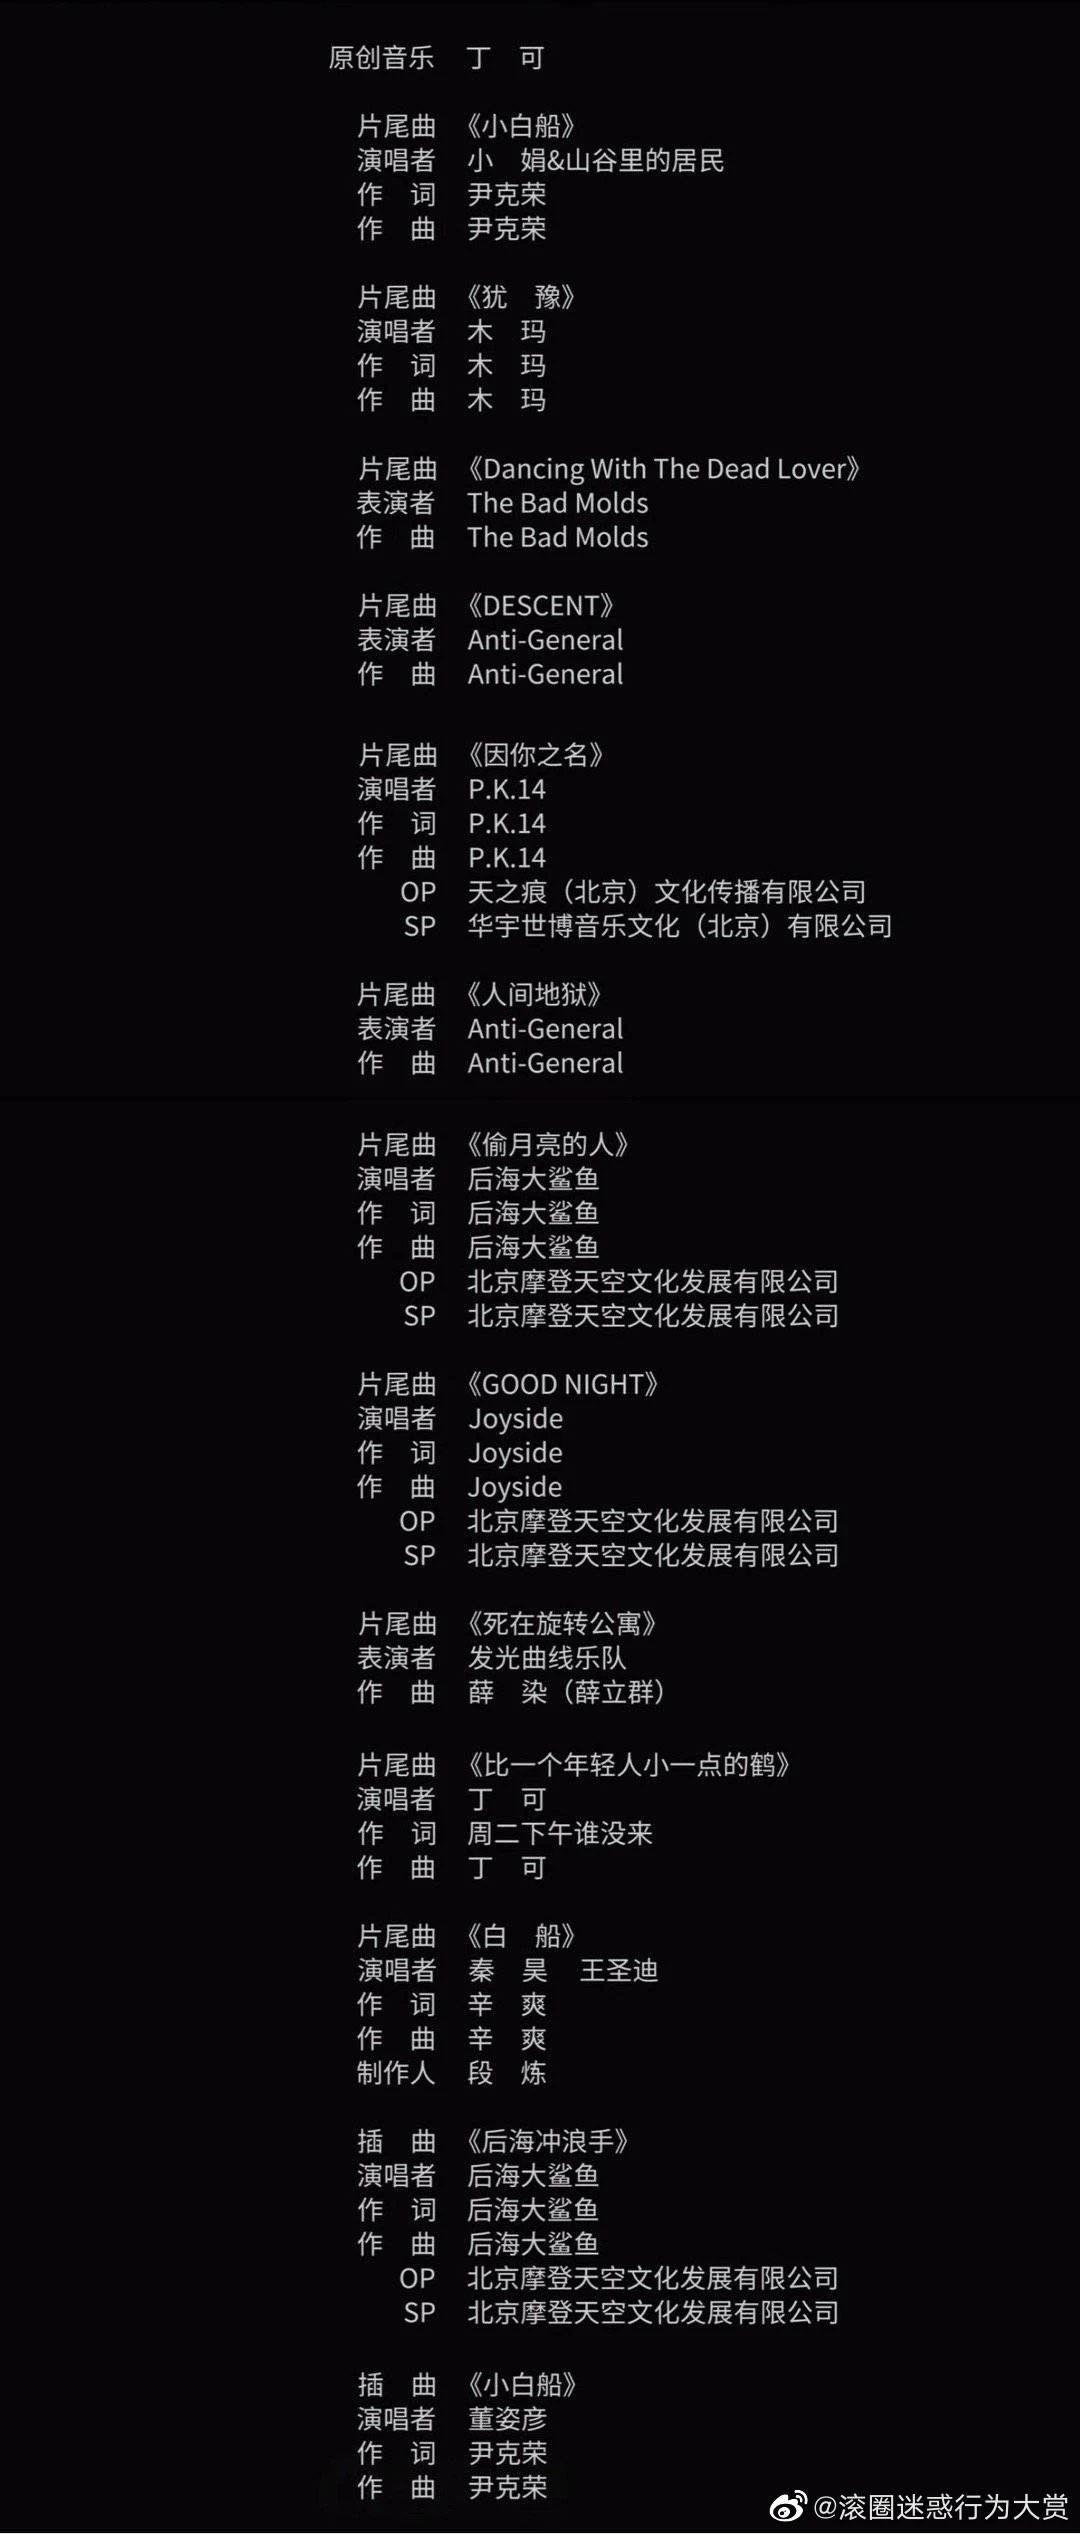 卡利开户:《小白船》吓哭观众 导演解读《隐秘的角落》配乐 第3张